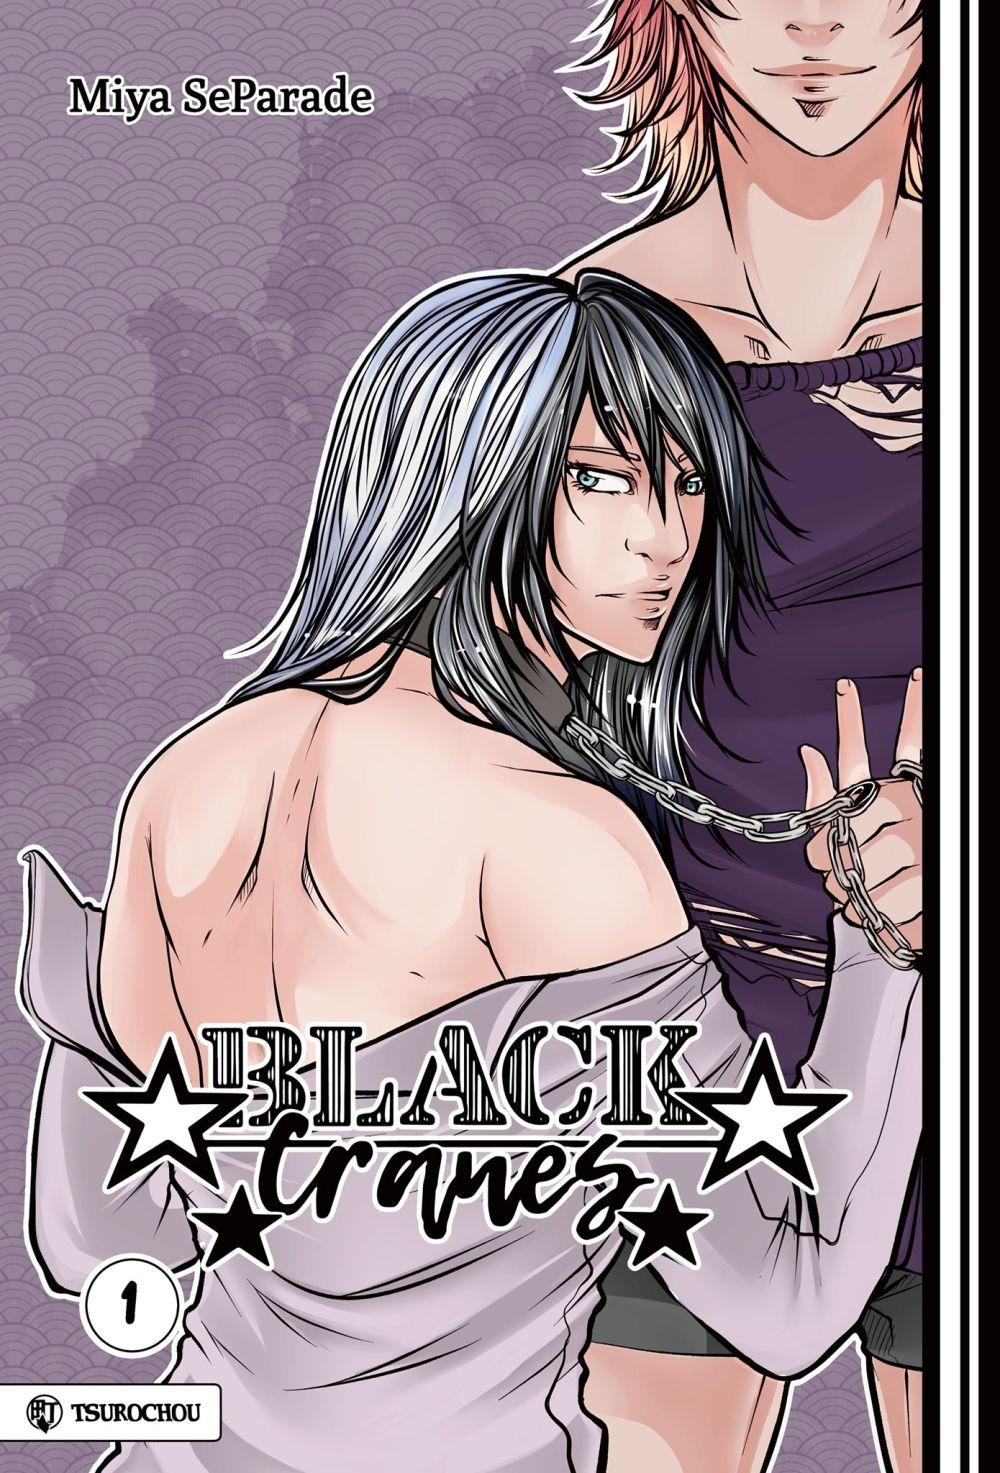 Miya SeParade: Black Cranes1